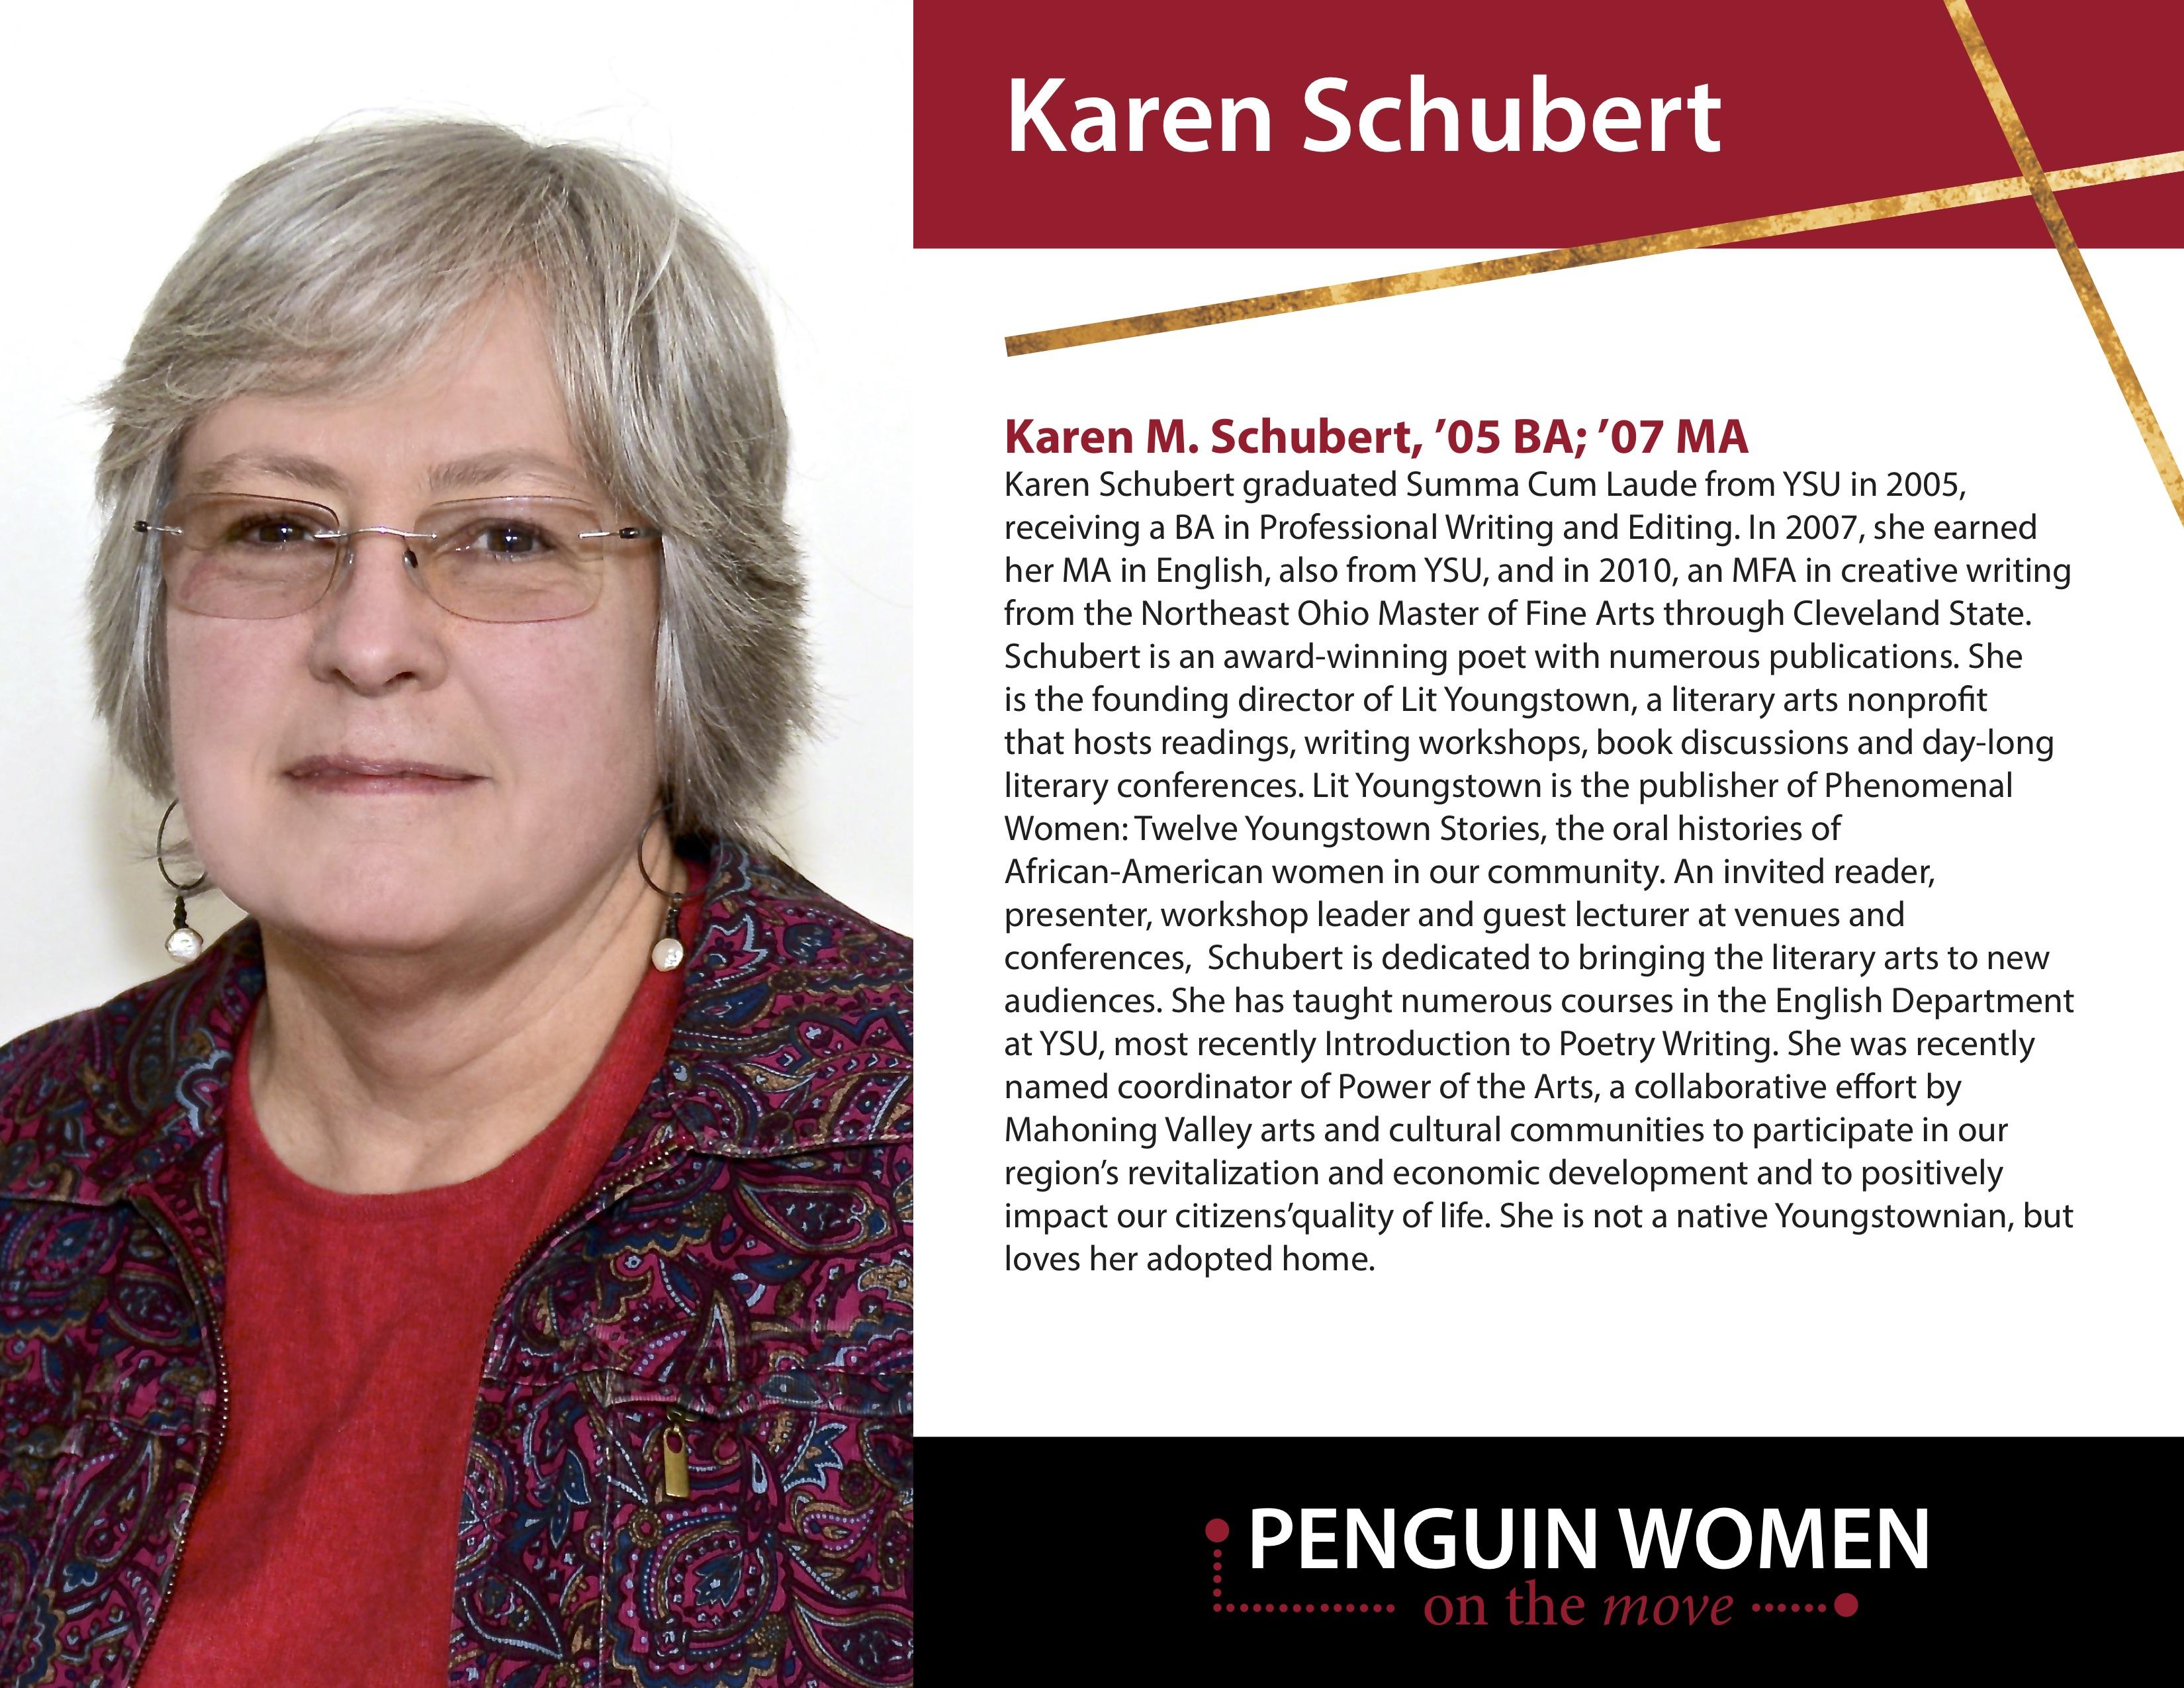 Karen Schubert